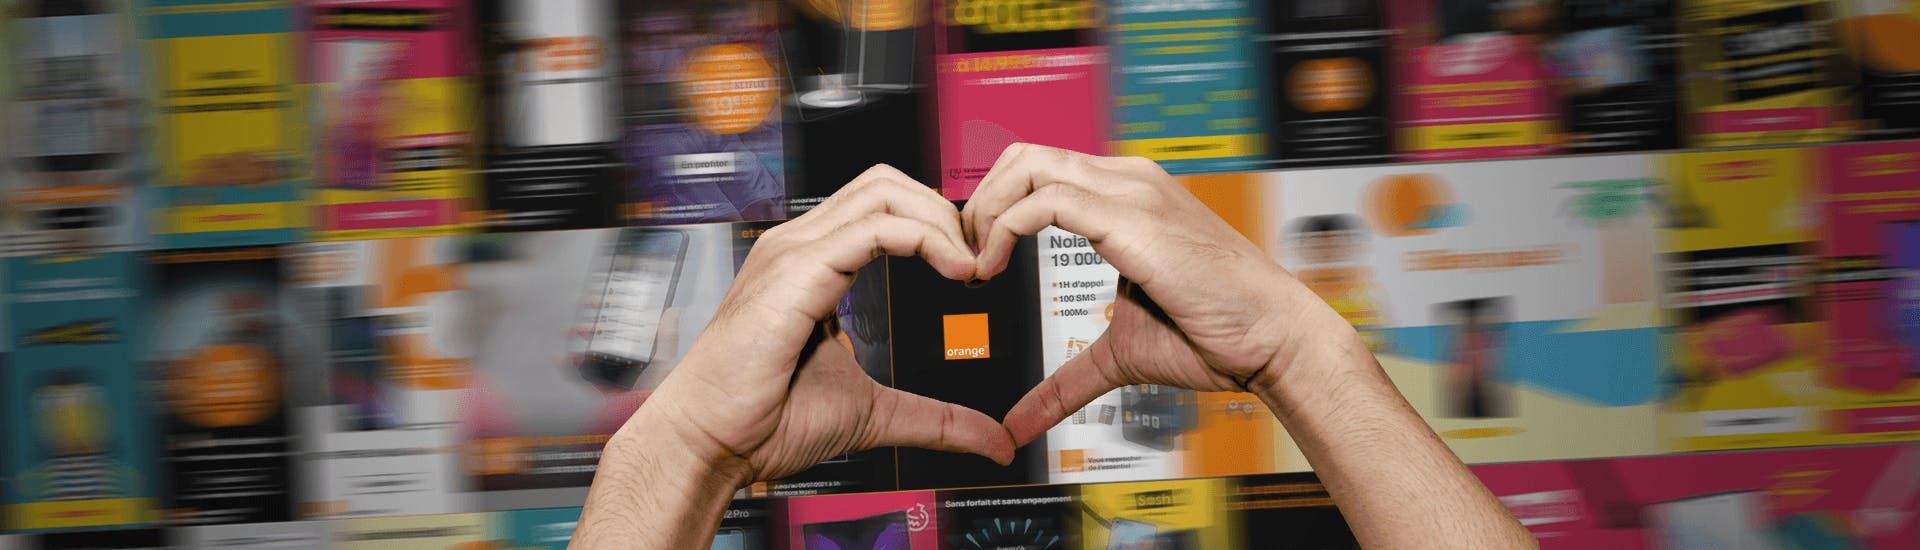 Deux mains forment un coeur devant un mur de publicités digitales pour l'opérateur Orange